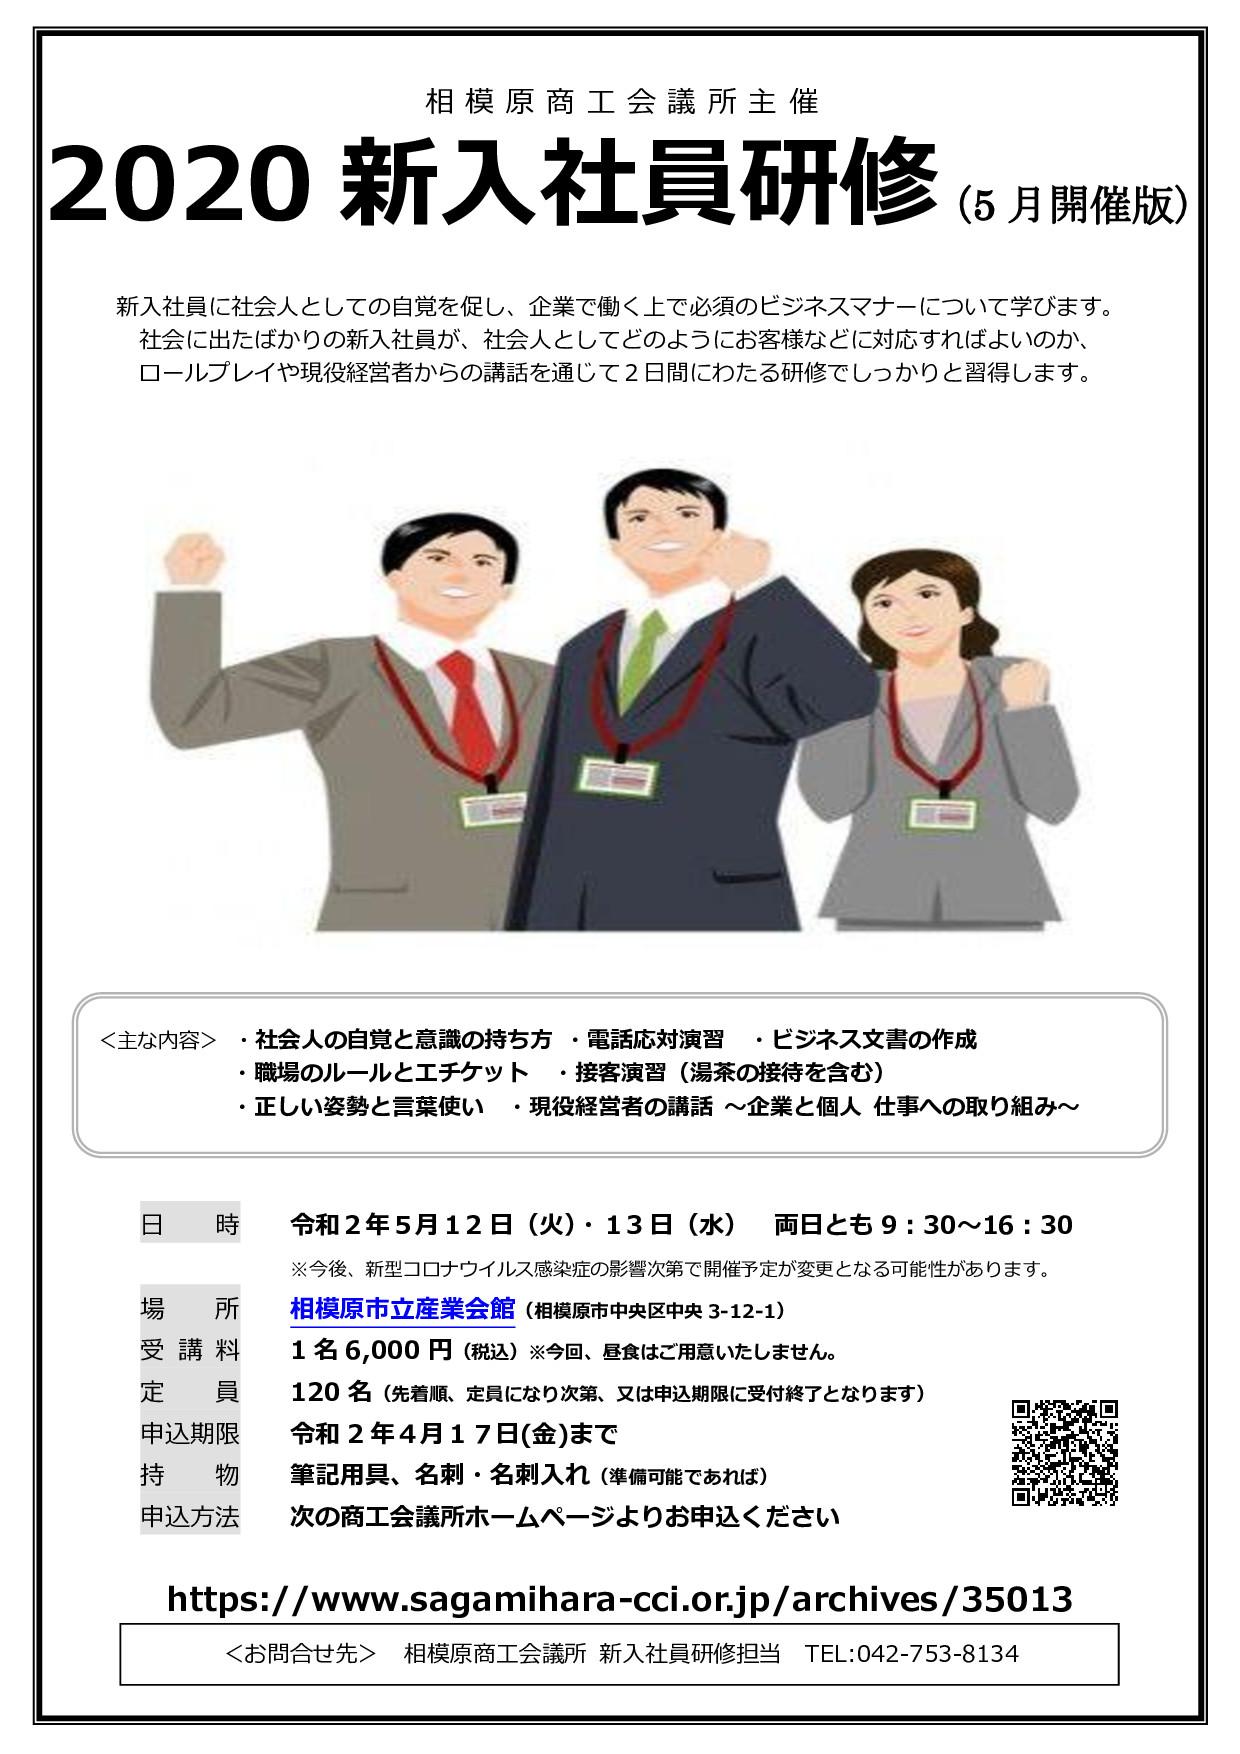 【ネット申込のみ】2020新入社員研修(5月開催版)_募集案内